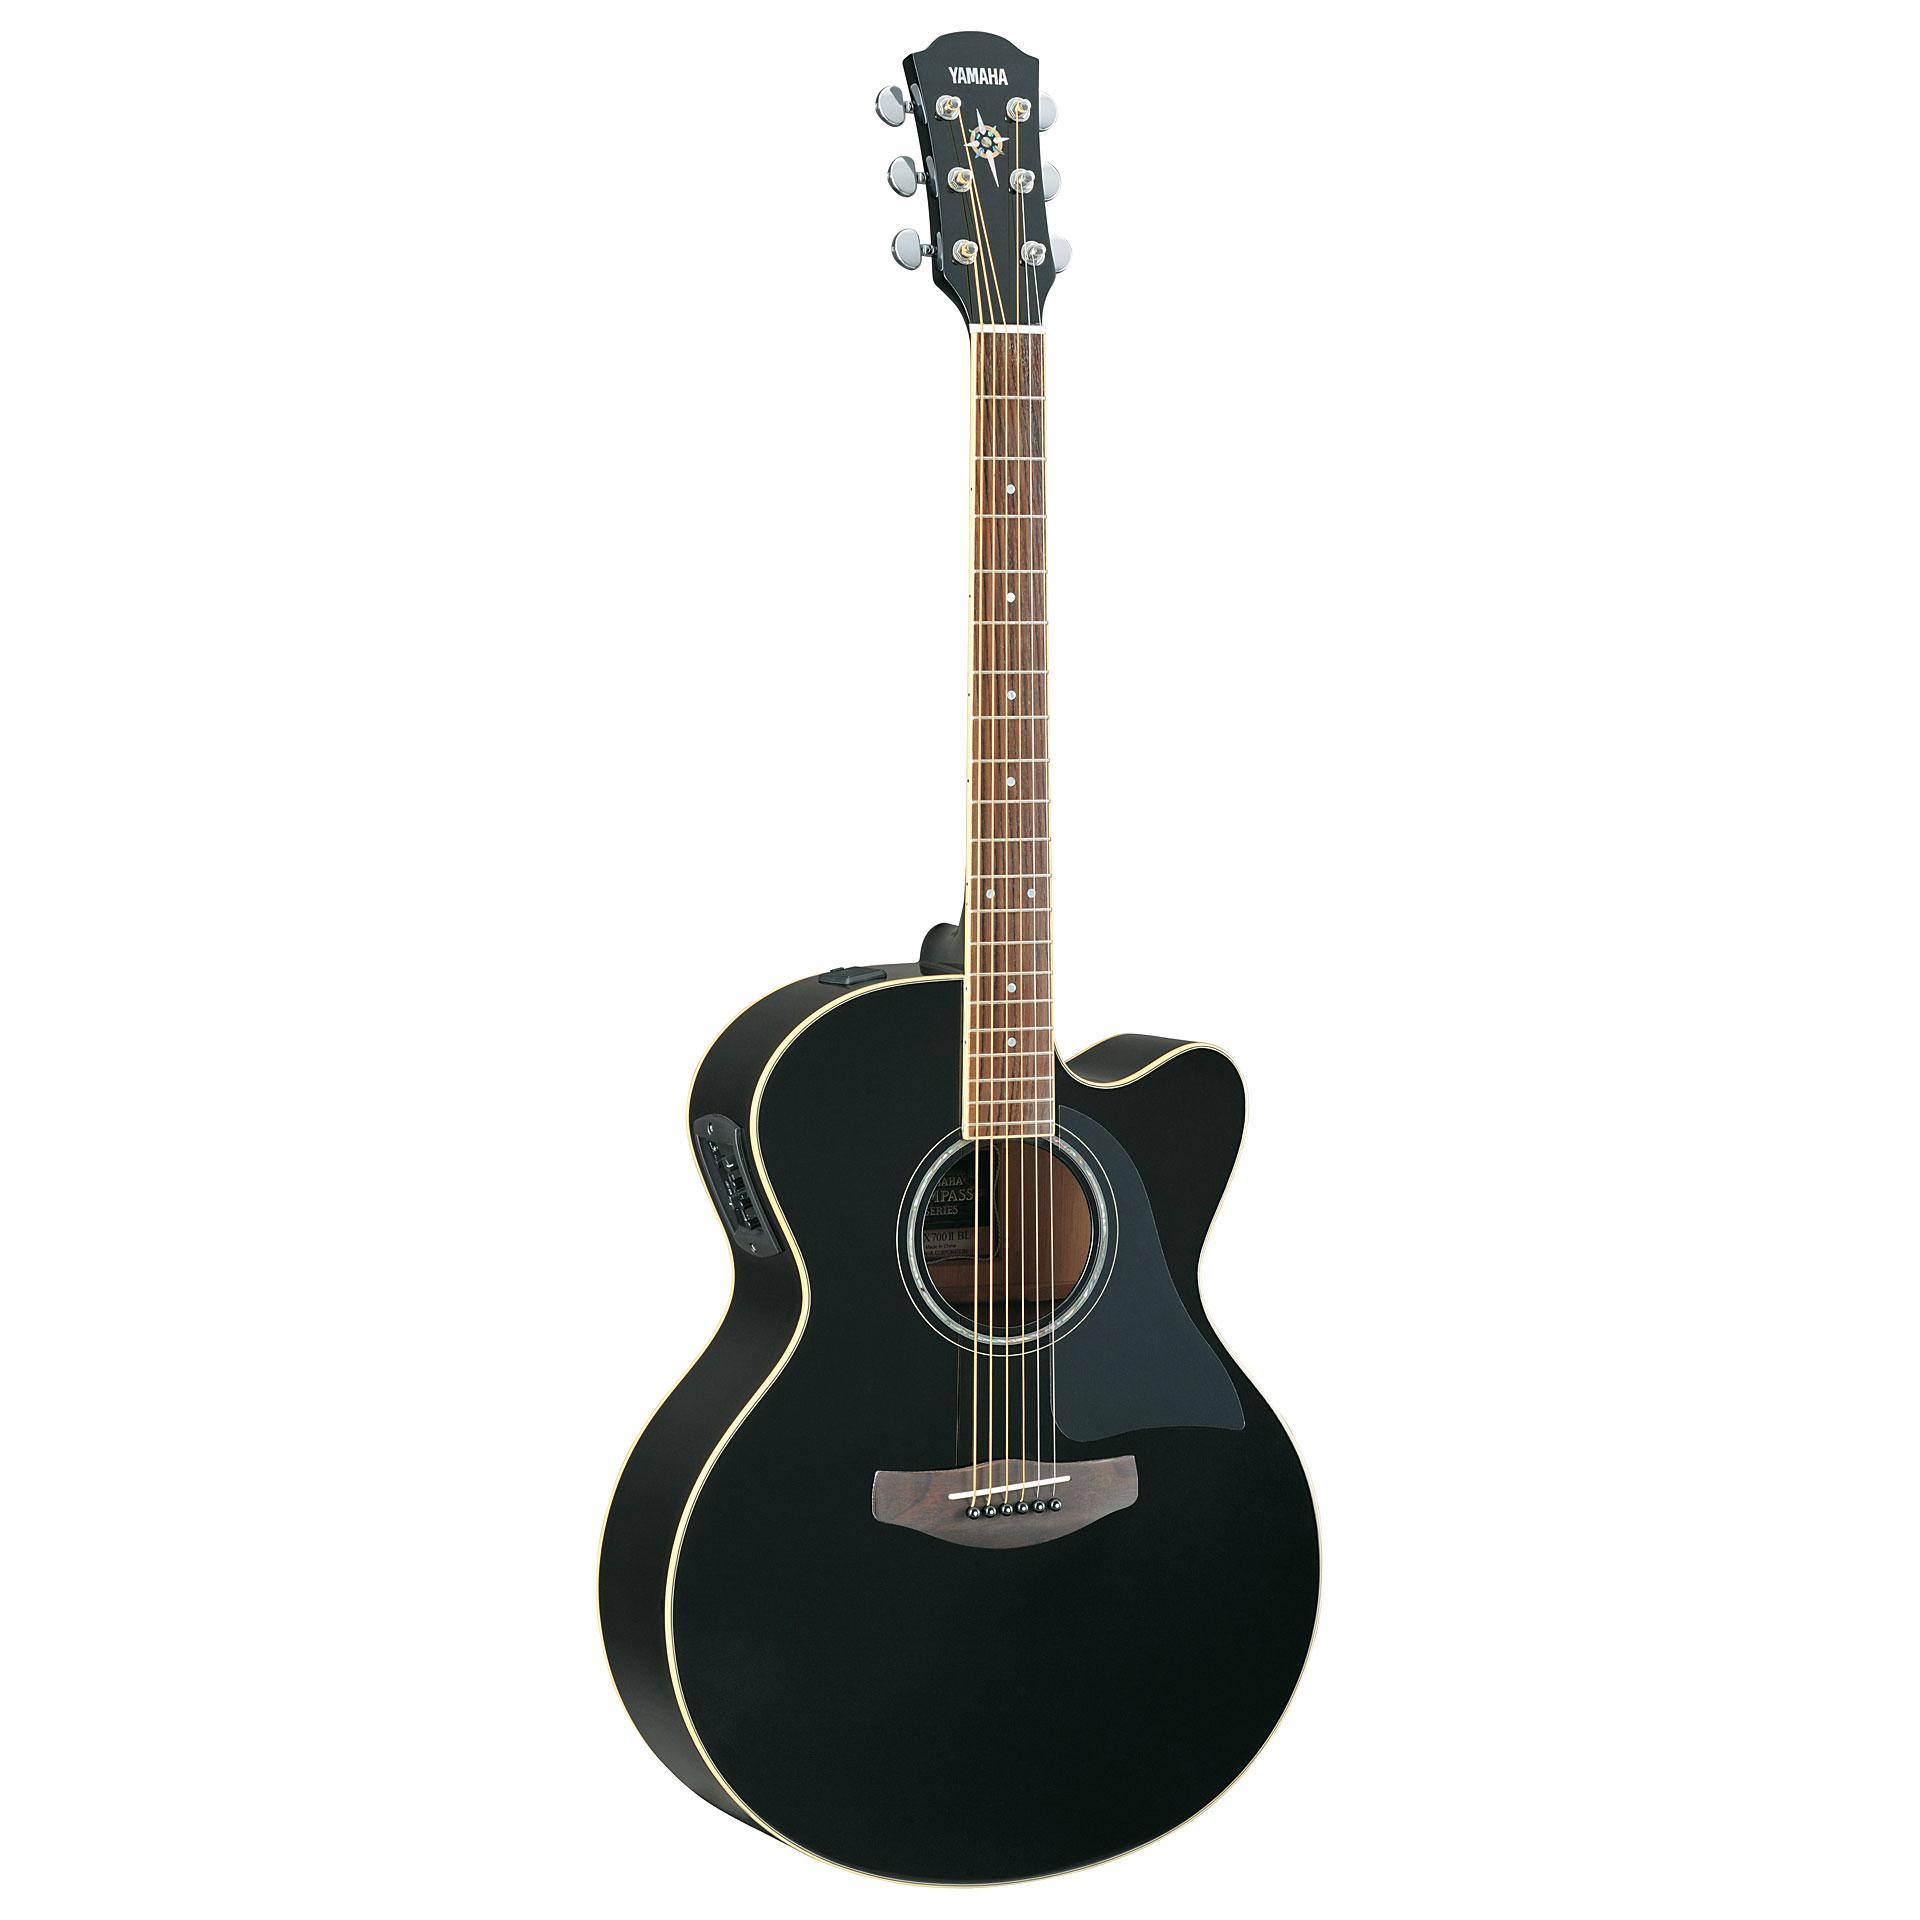 guitare yamaha acoustique